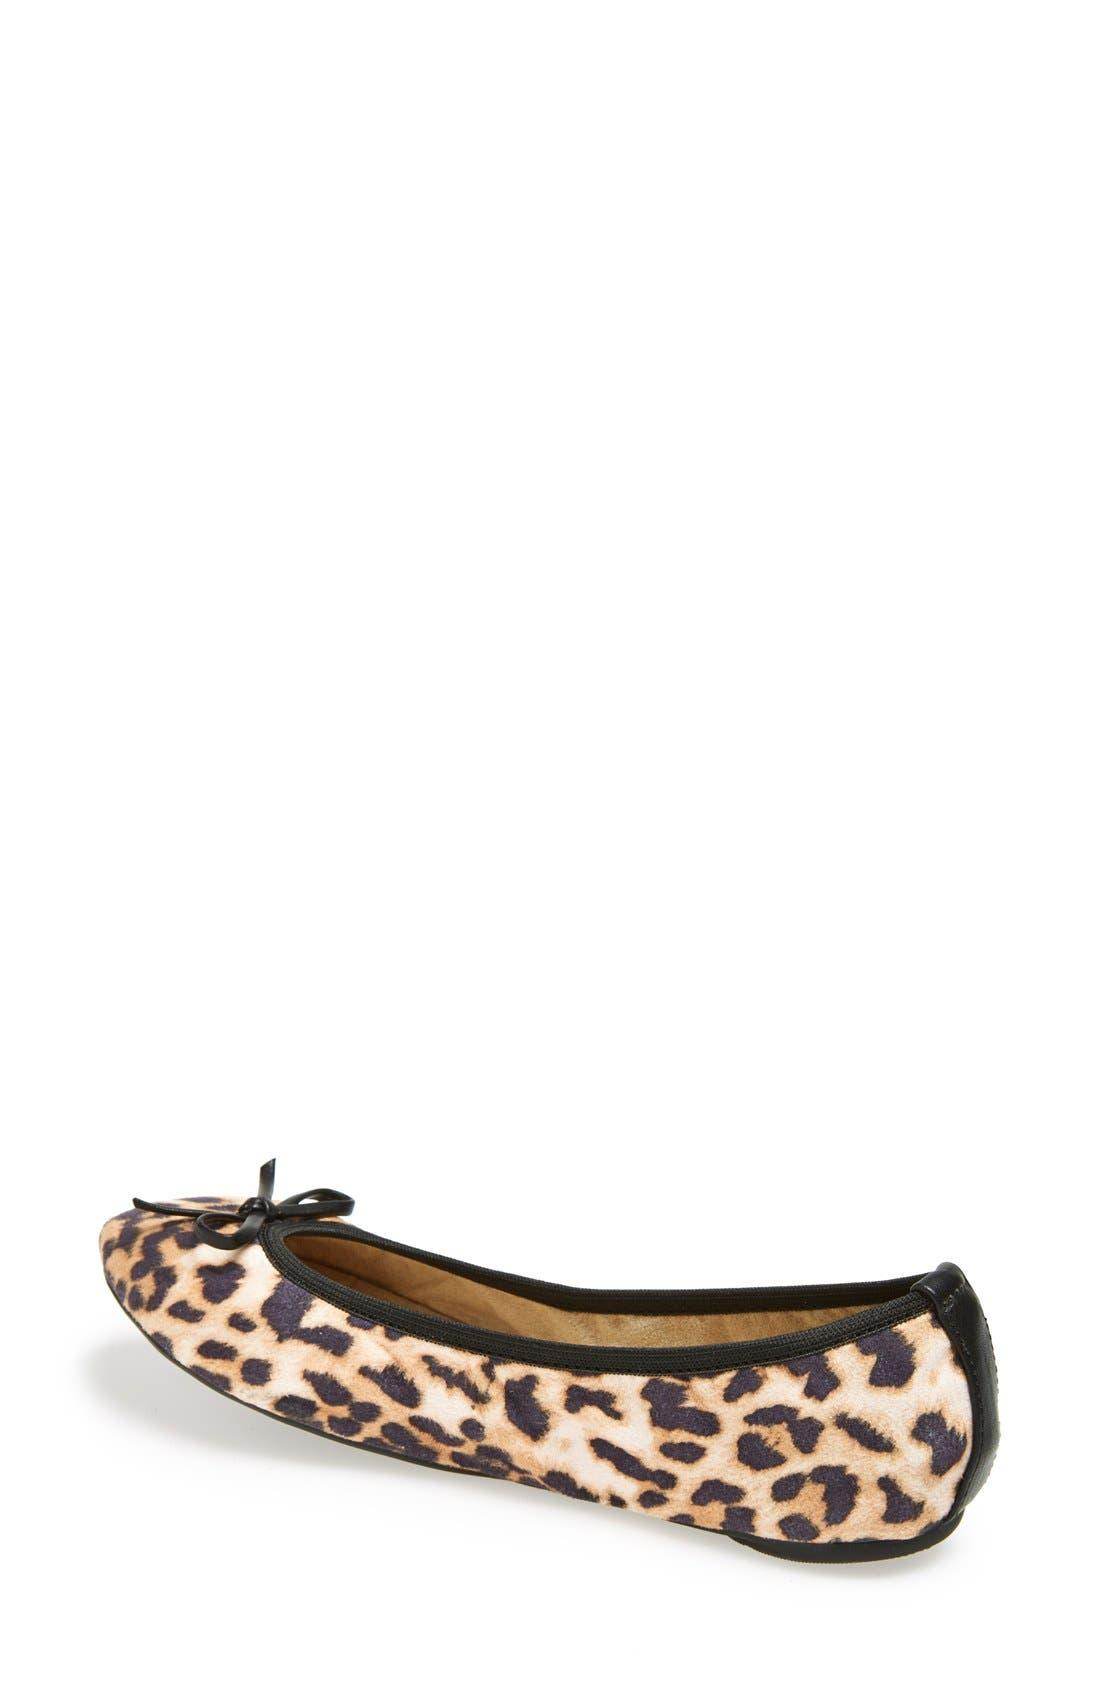 Alternate Image 2  - Butterfly Twists 'Cleo Leopard' Foldable Ballerina Flat (Women)